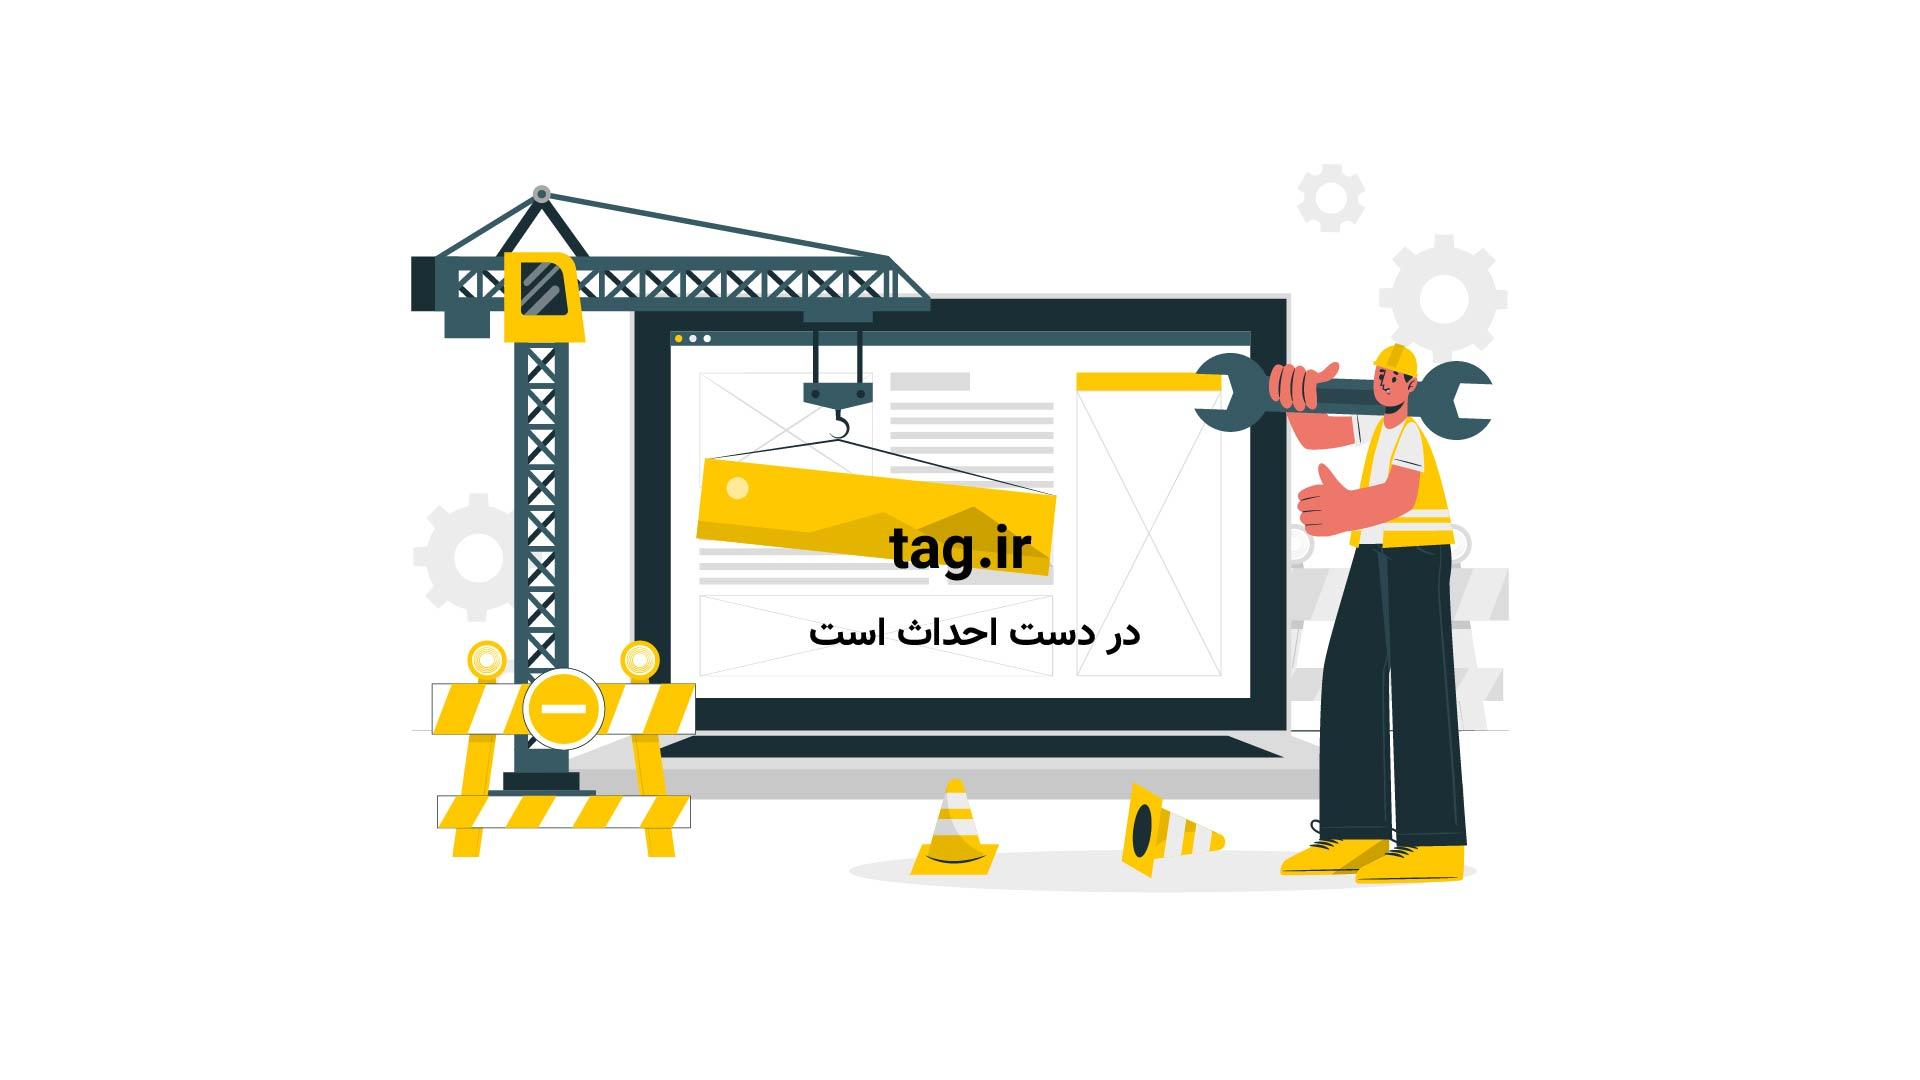 آبشار زیبای باران کوه در گرگان | فیلم